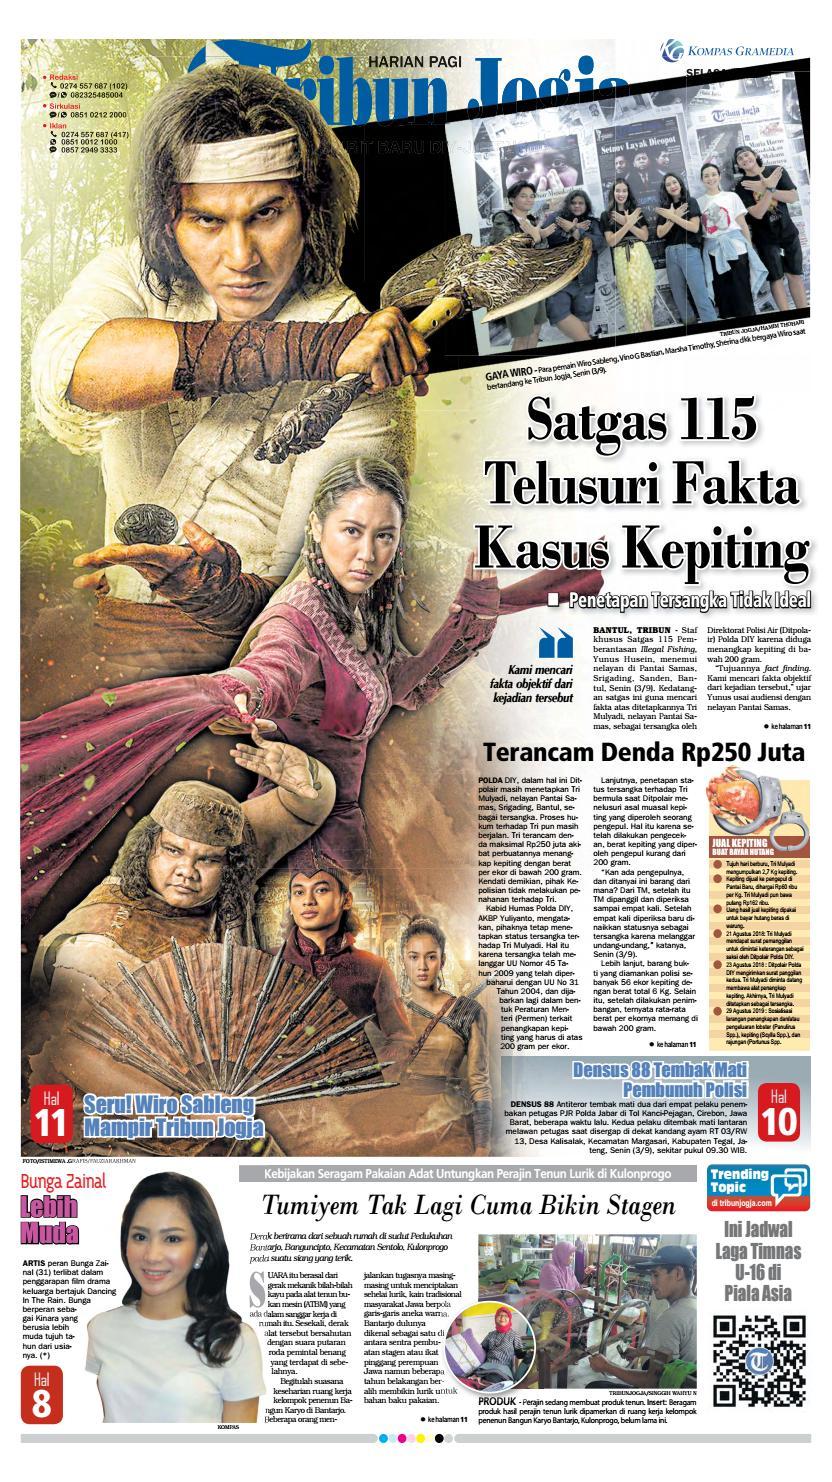 Tribun Jogja 04 09 2018 By Issuu Produk Ukm Bumn Pusaka Coffee 15 Pcs Kopi Herbal Nusantara Free Ongkir Depok Ampamp Jakarta